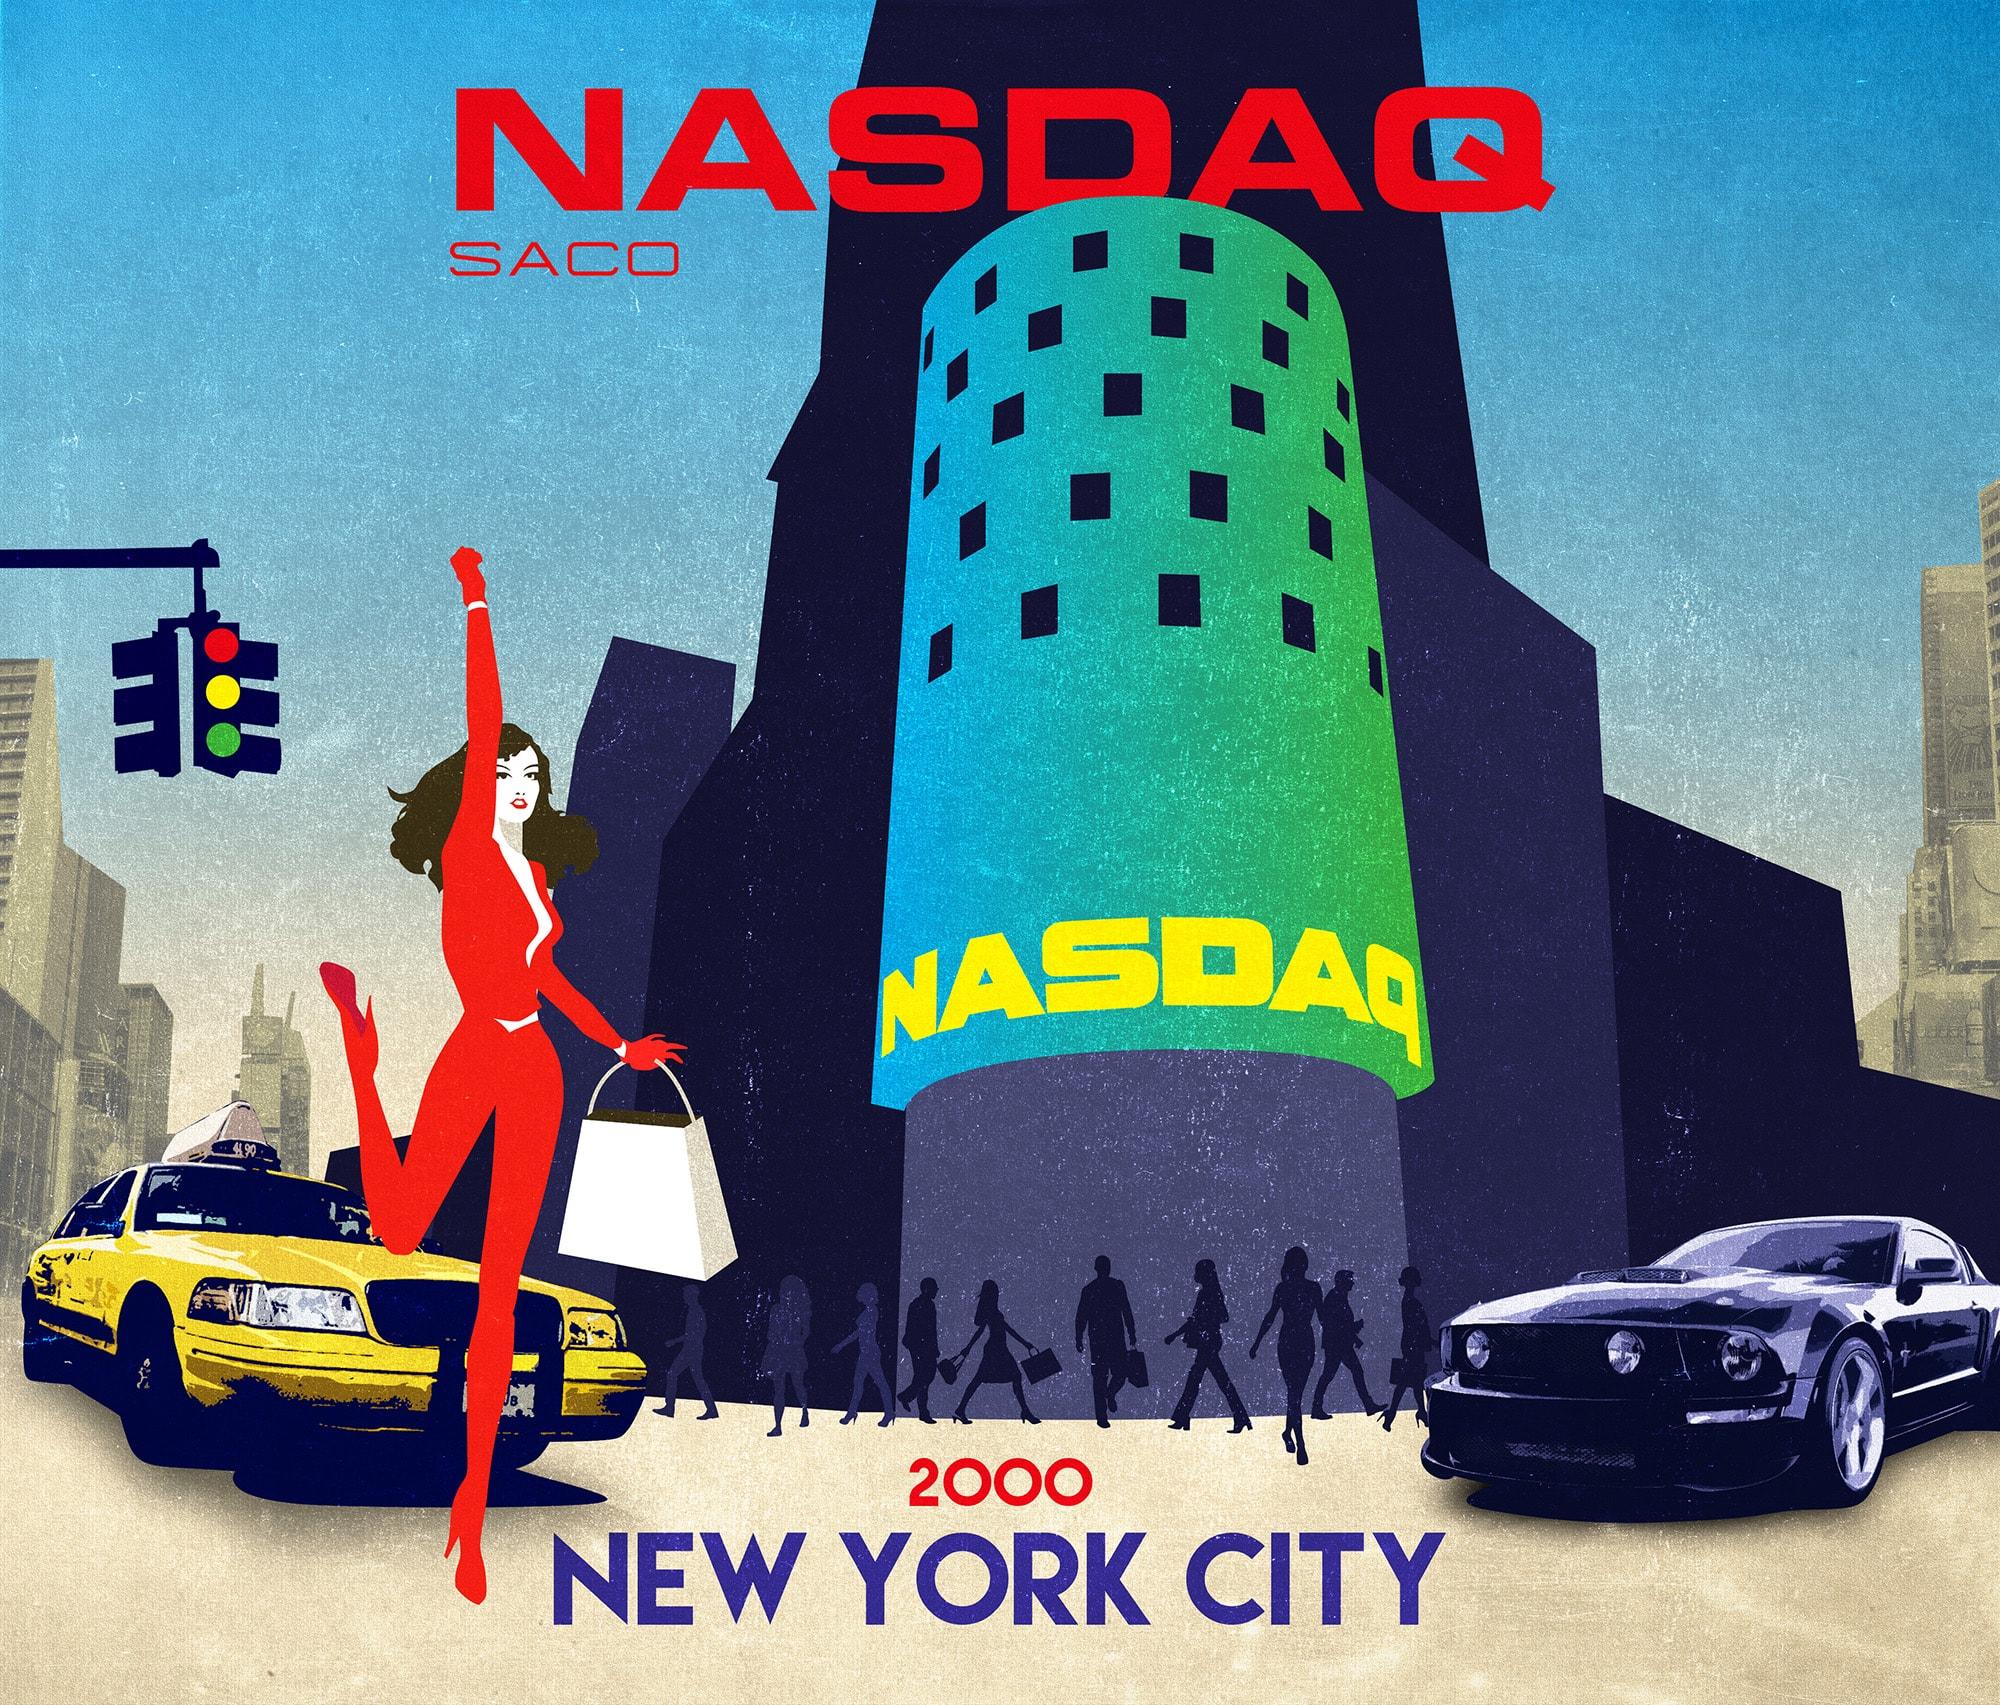 AFFICHE NASDAQ